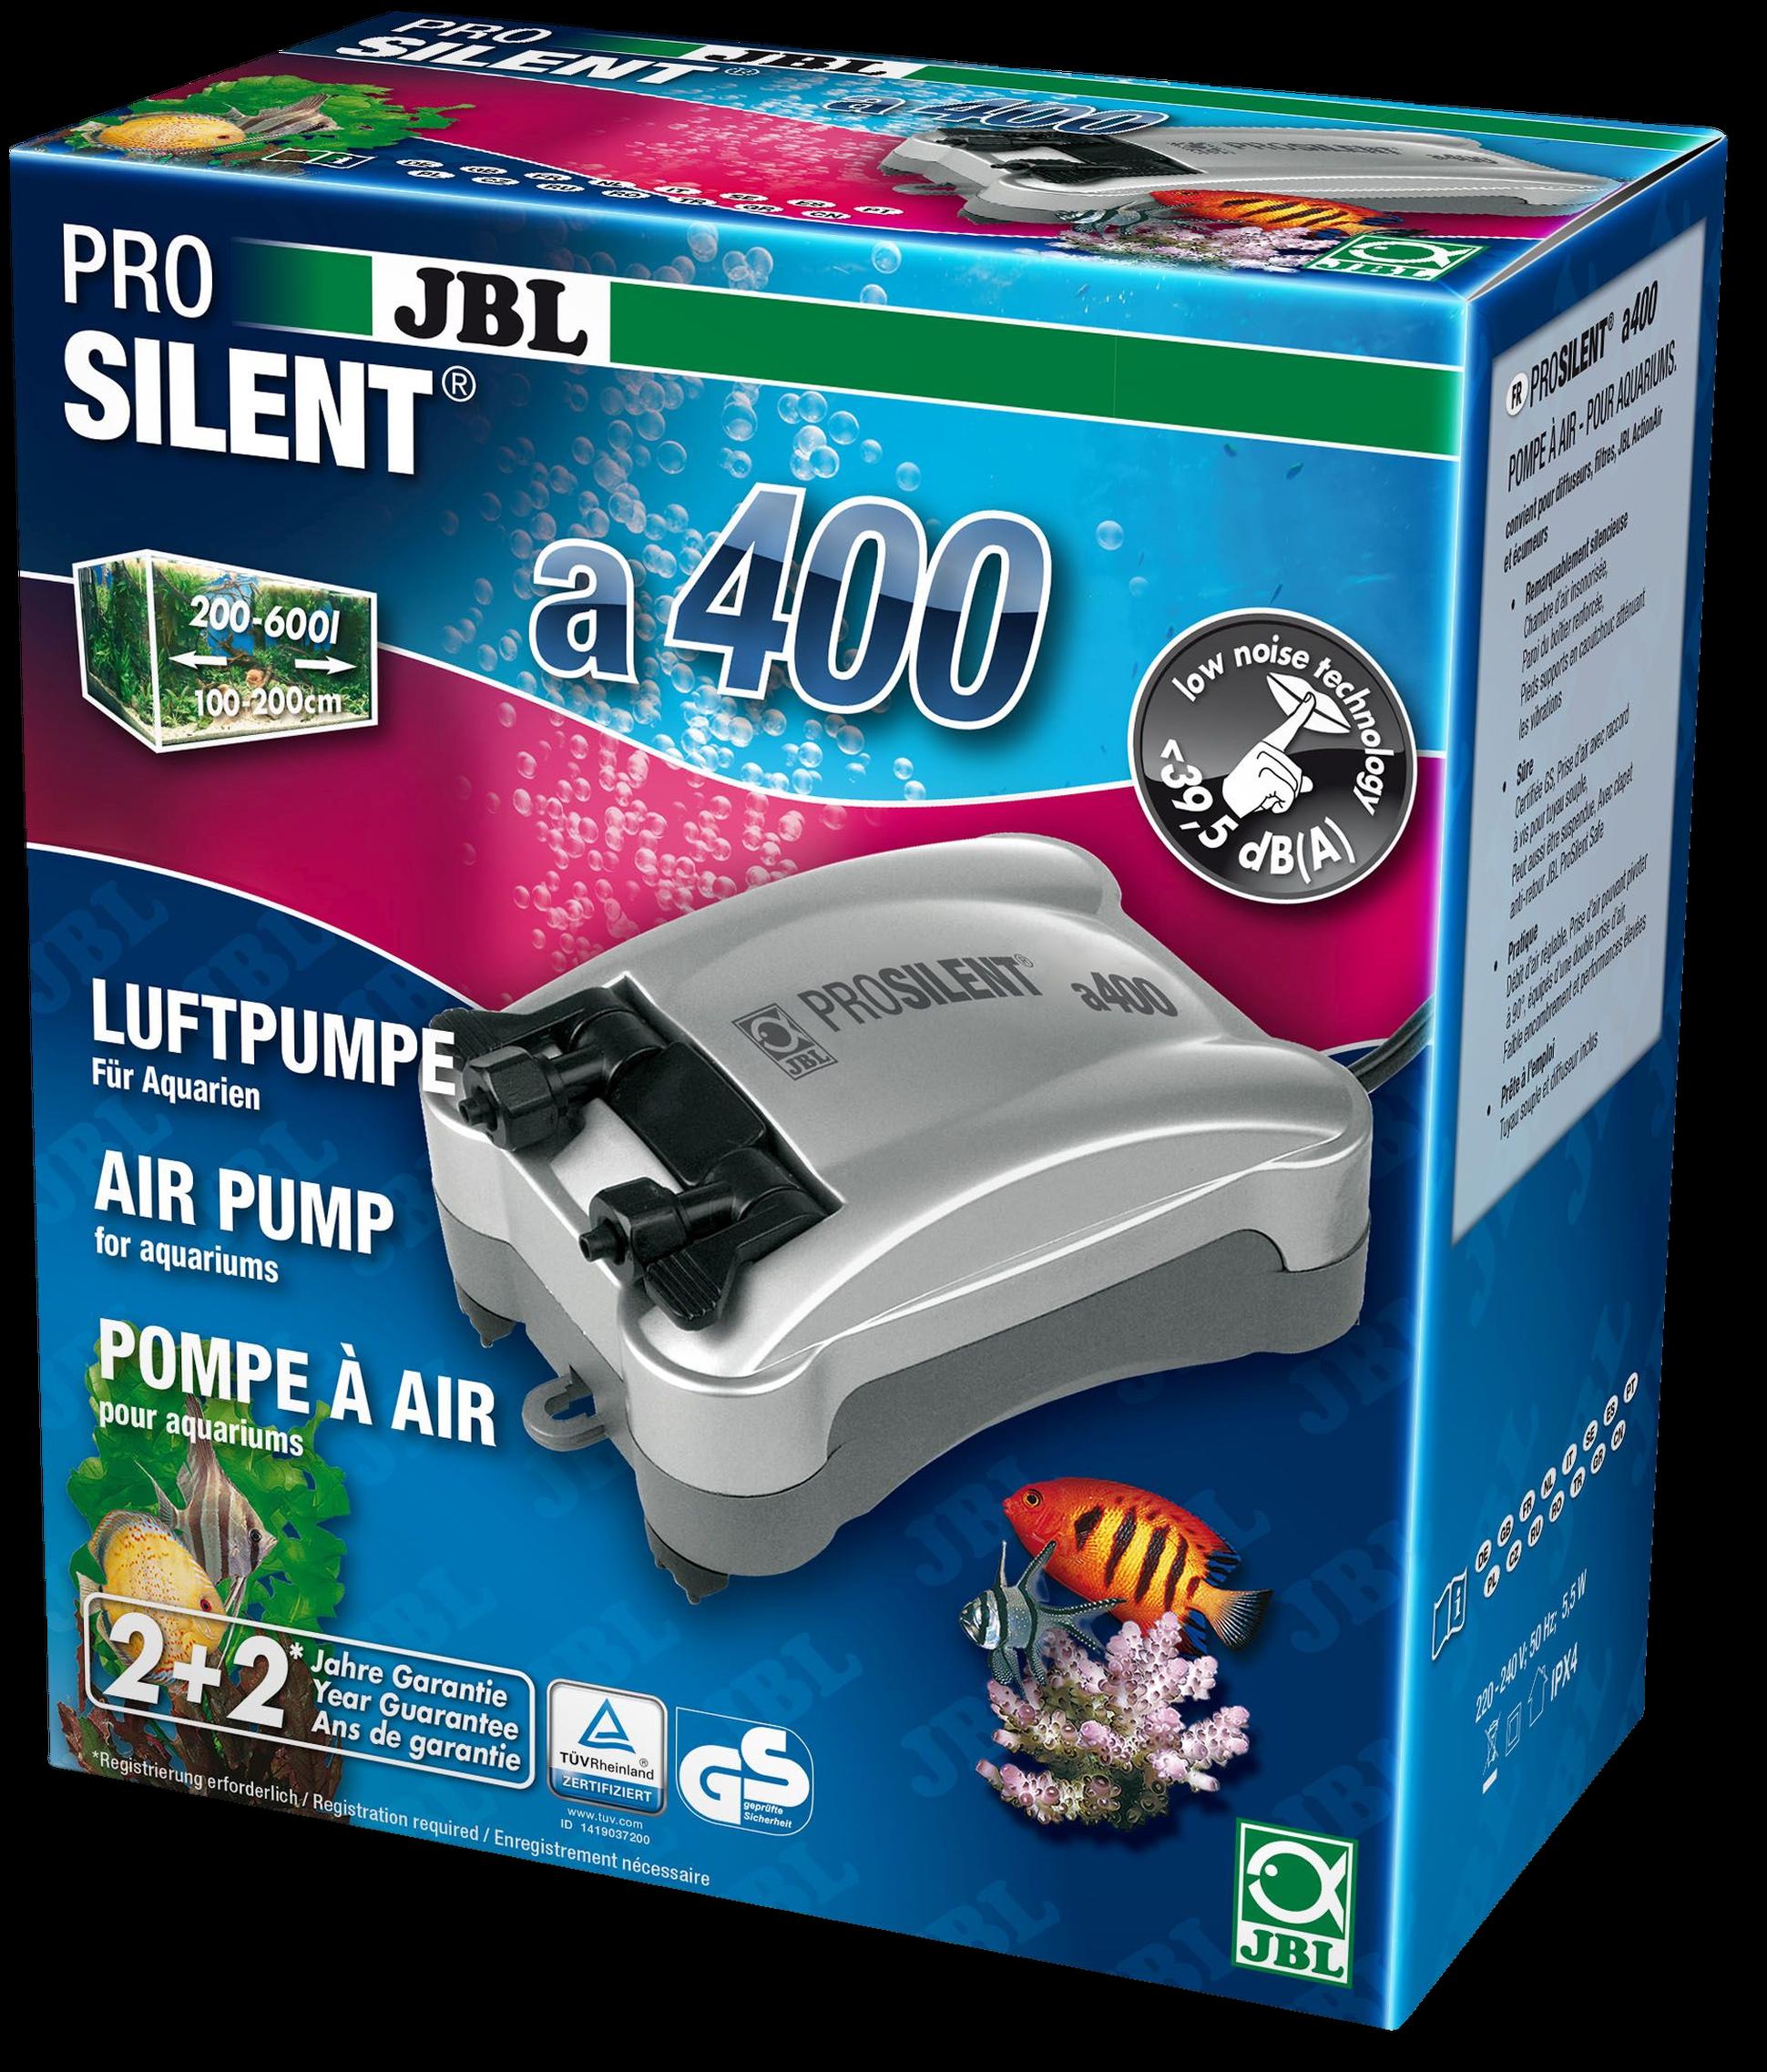 [282.6054400]  JBL ProSilent a400 - Компрессор для пресноводных и морских аквариумов 200-600 л, 5,5 Вт, 282.6054400